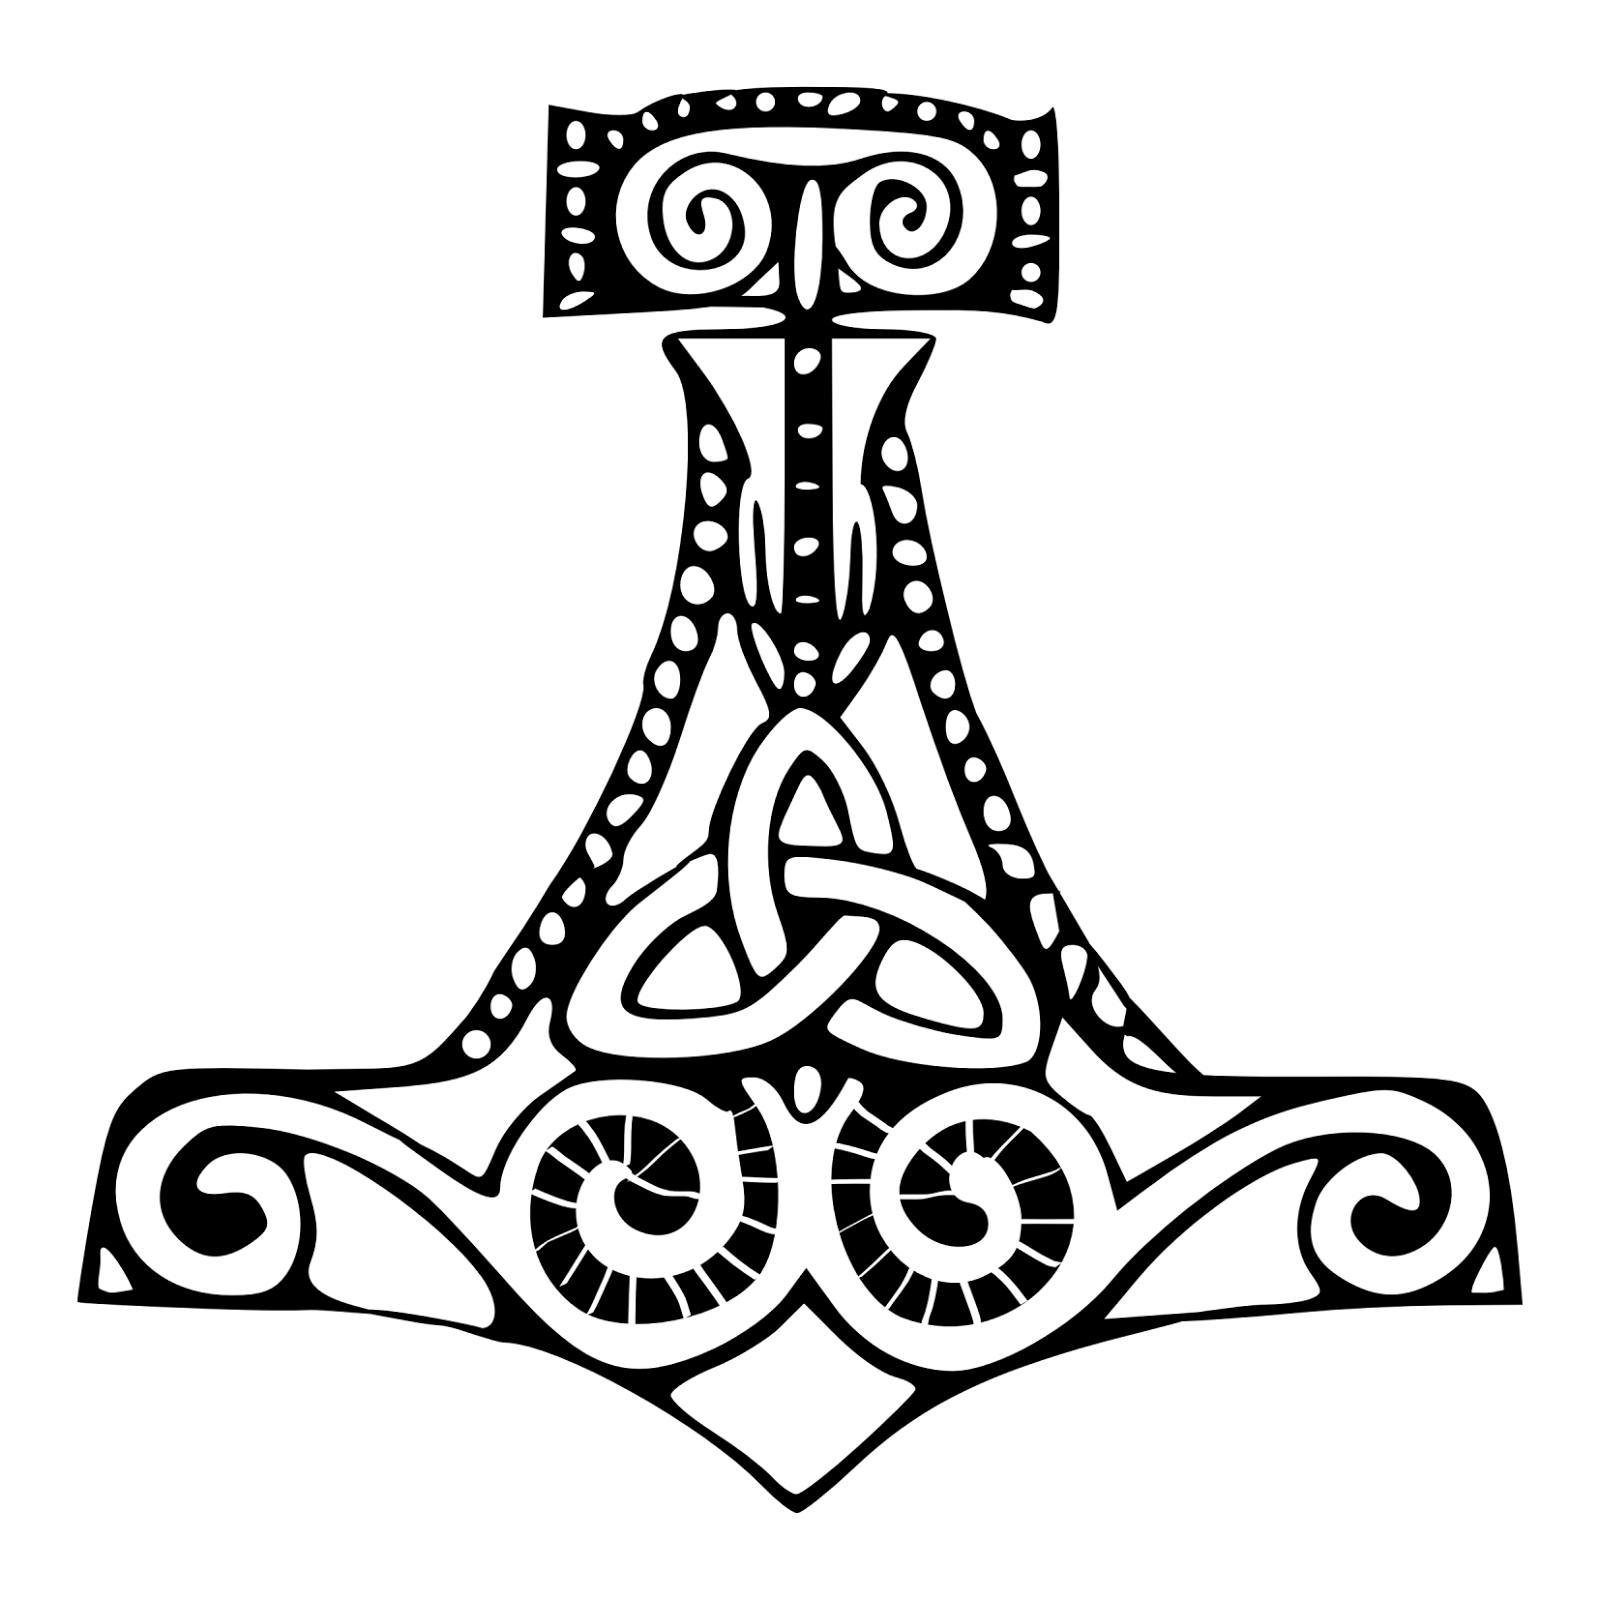 Dios Thor Simbolos De Wwwimagenesmycom